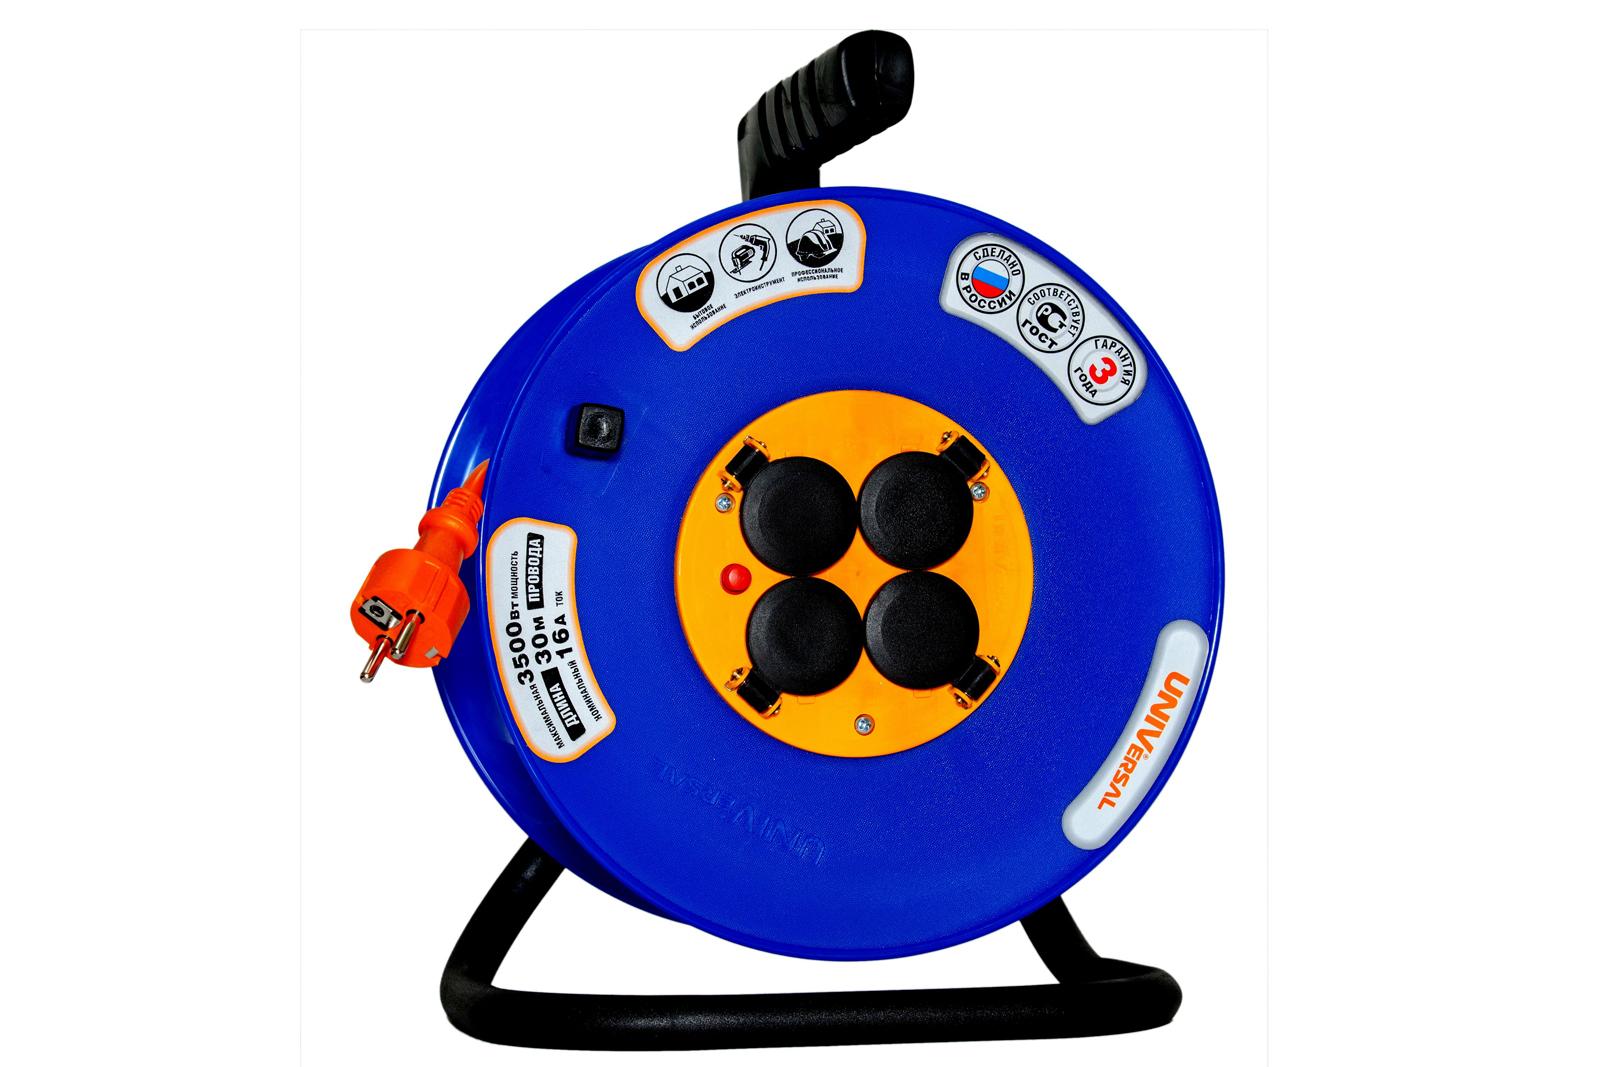 провода для автомагнитолы pioneer avh-x8500bt купить